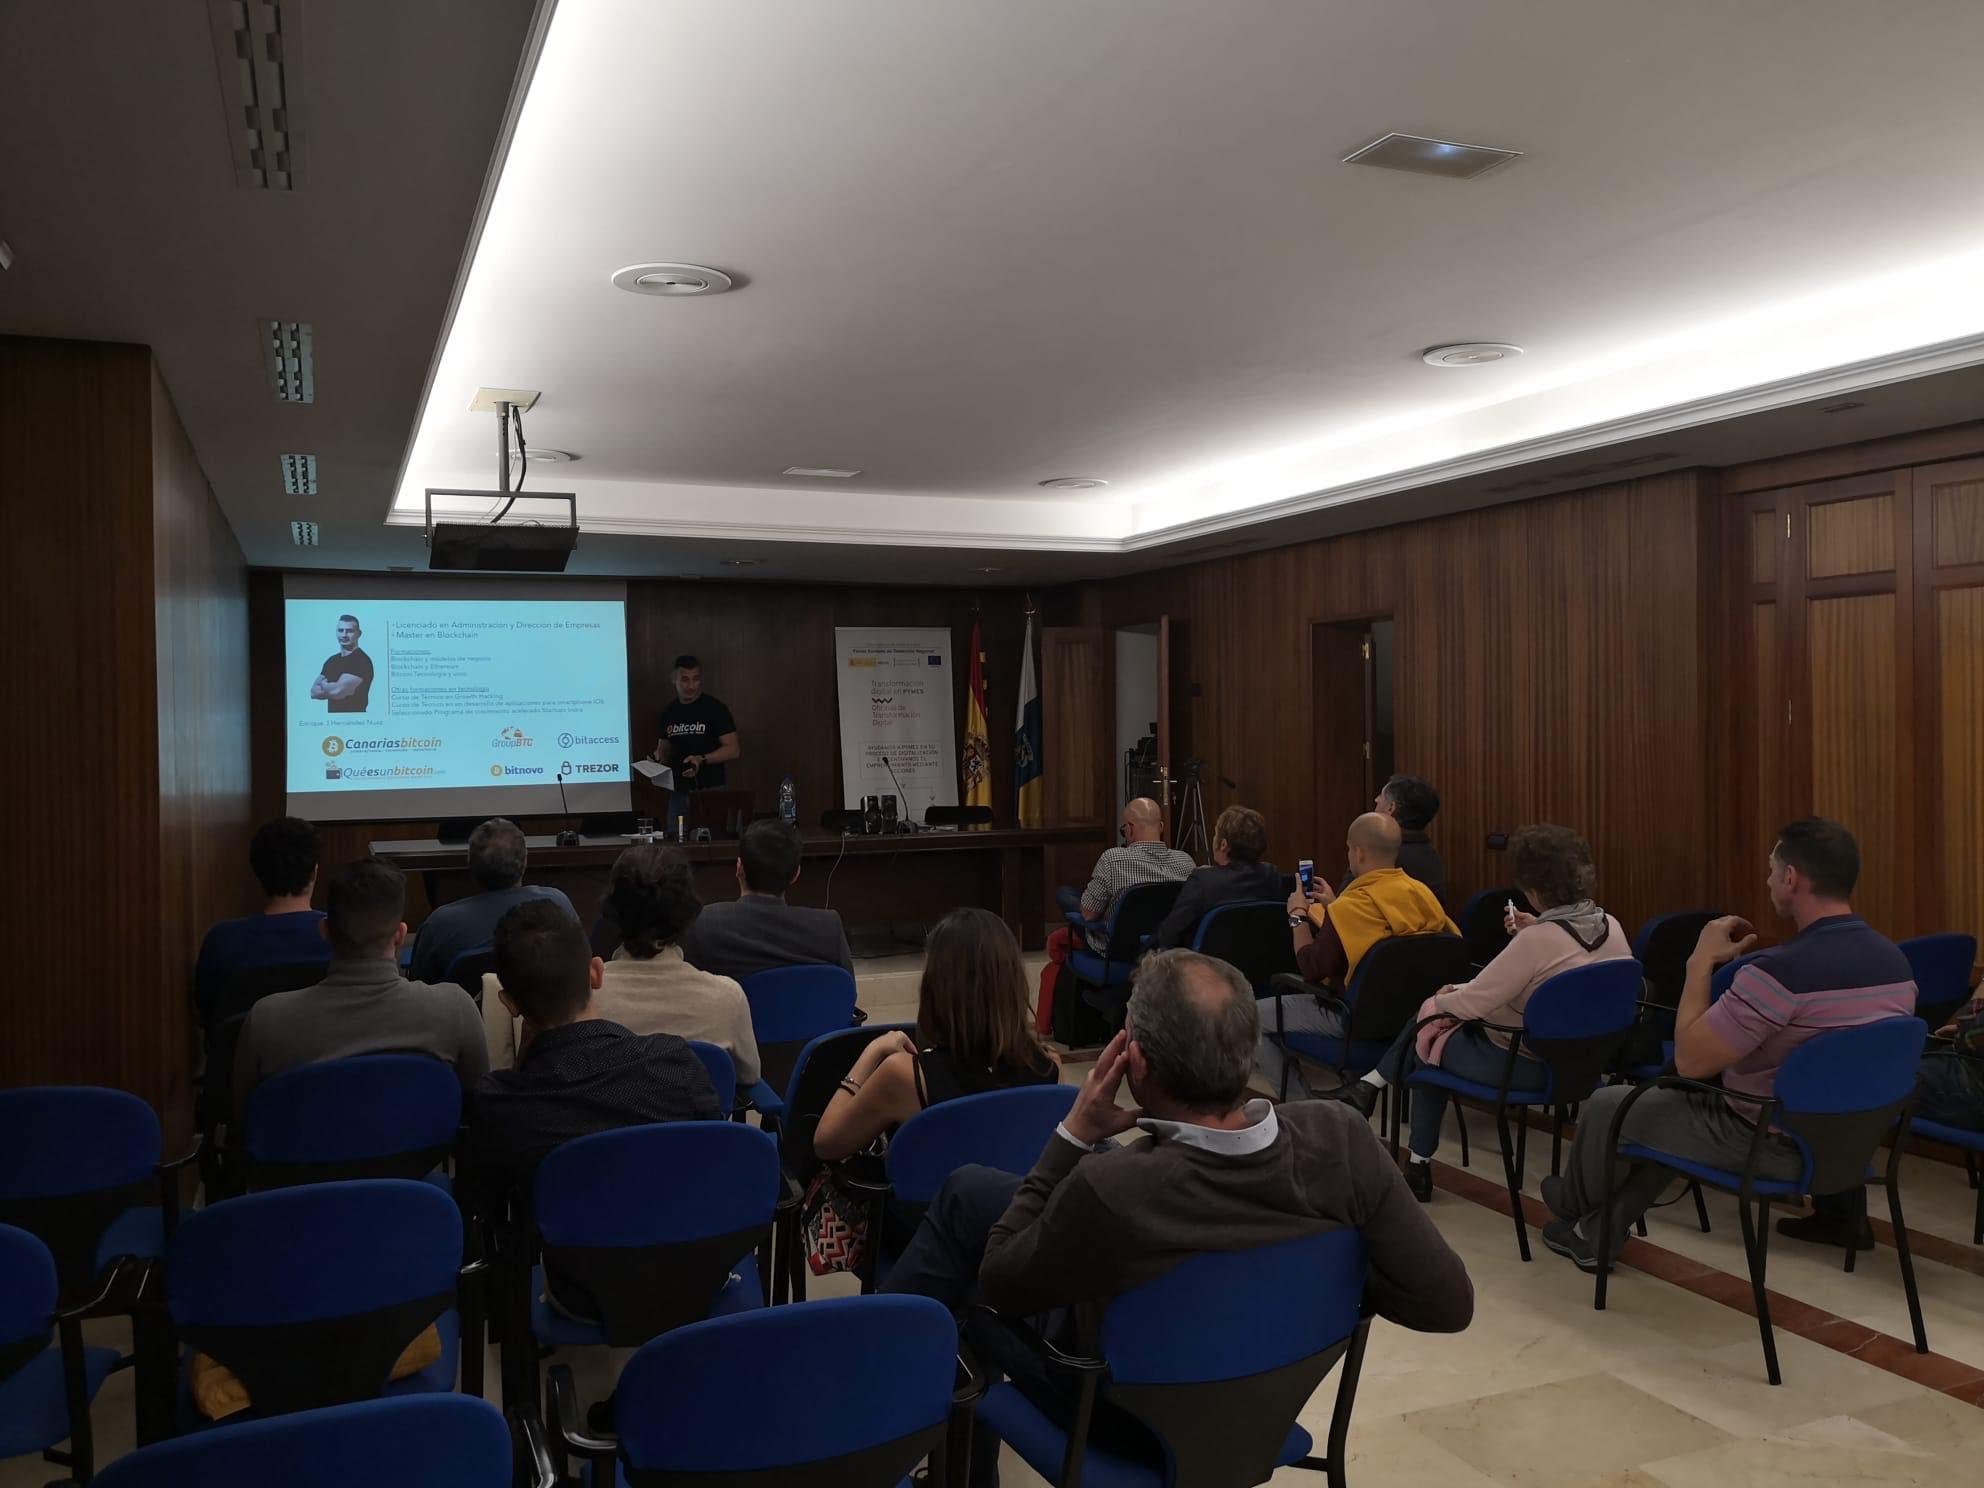 Seminario sobre Bitcoin y Blockchain impartido por Enrique Hernández Nuez en Canarias